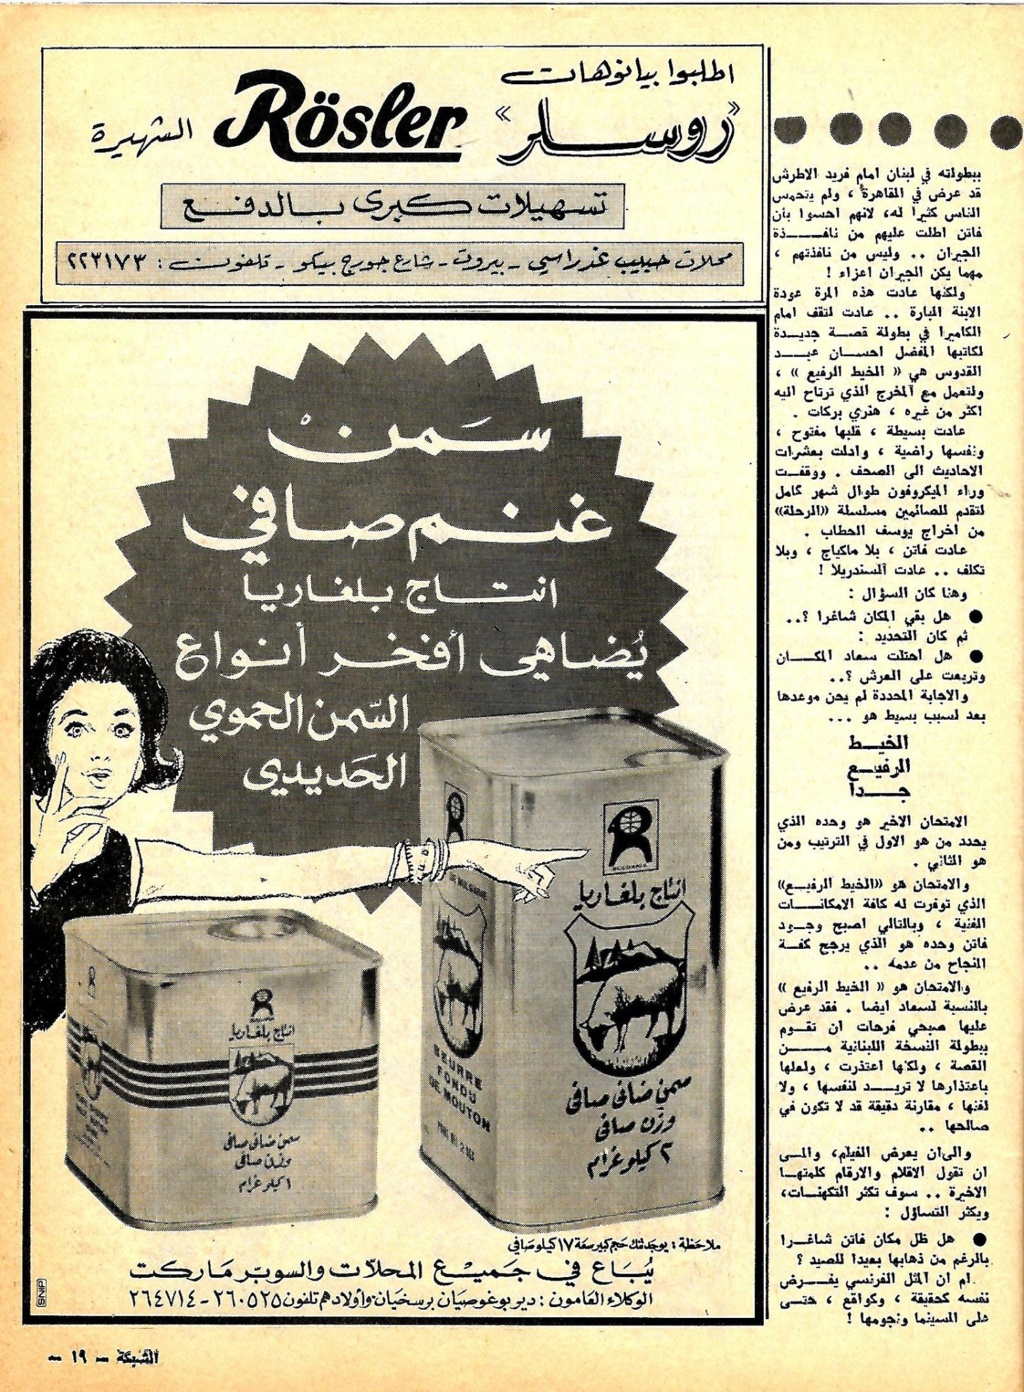 مقال صحفي : قصة الصراع على القمة بين فاتن حمامة وسعاد حسني 1970 م 411